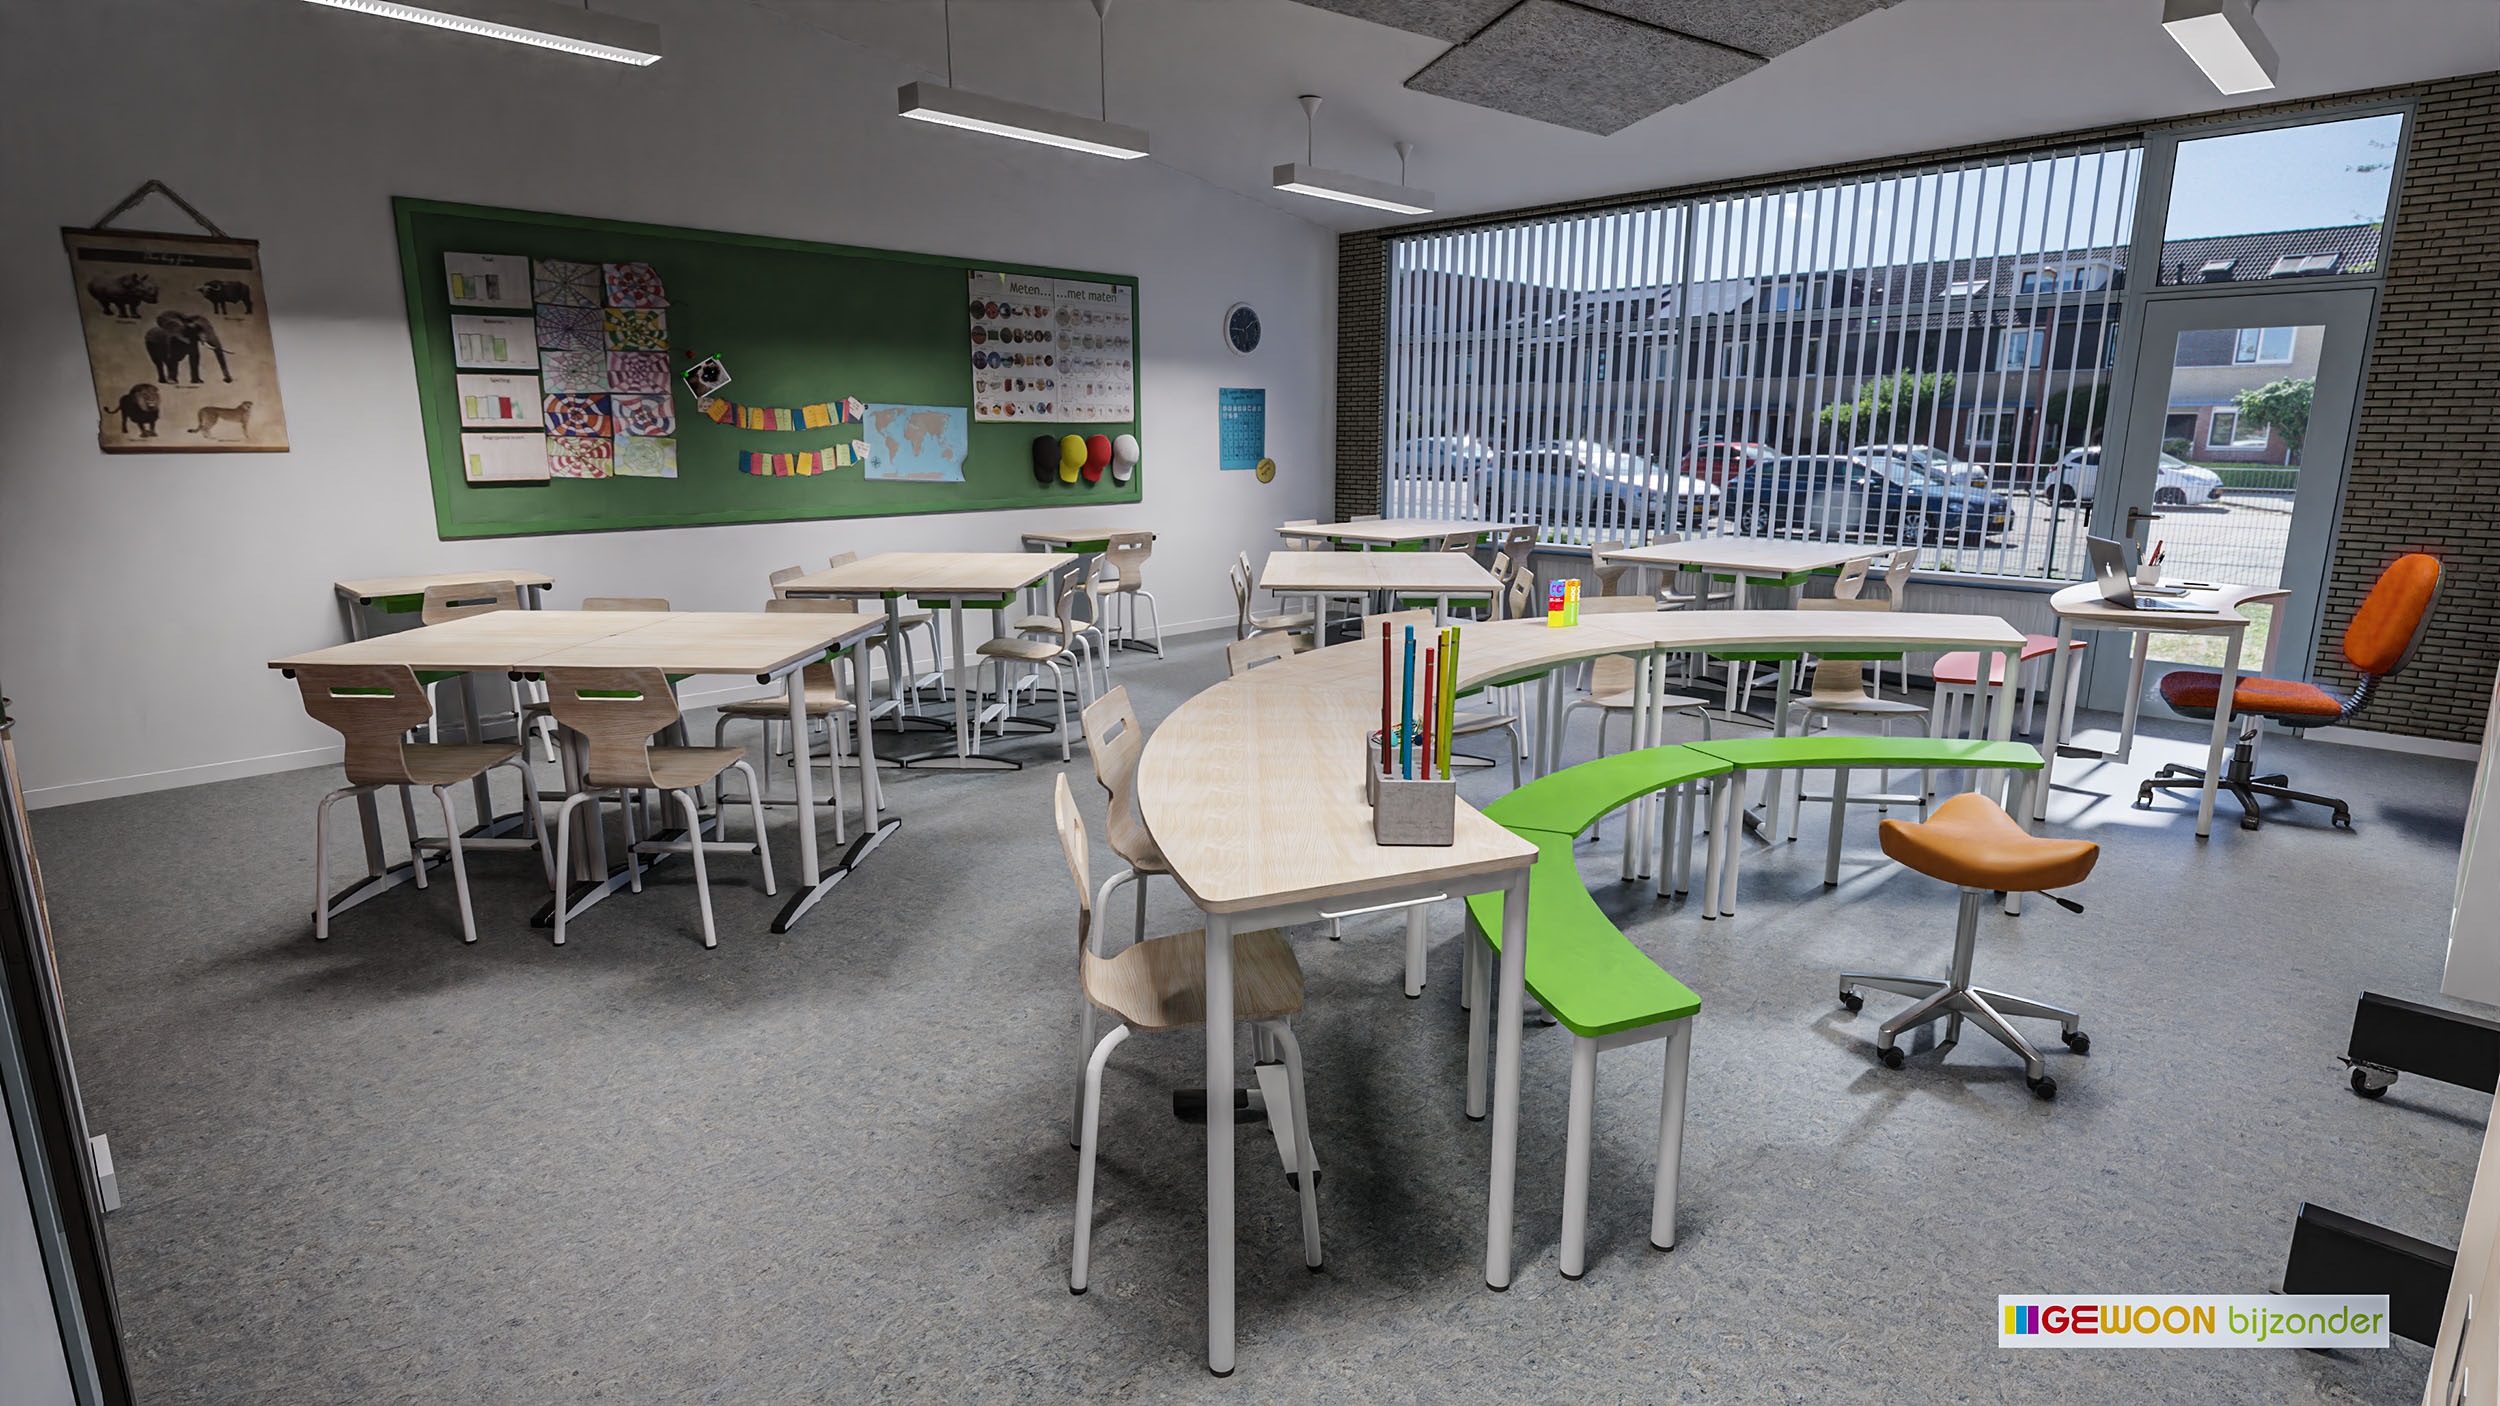 Casa3D-Julianaschool-GewoonBijzonder-1